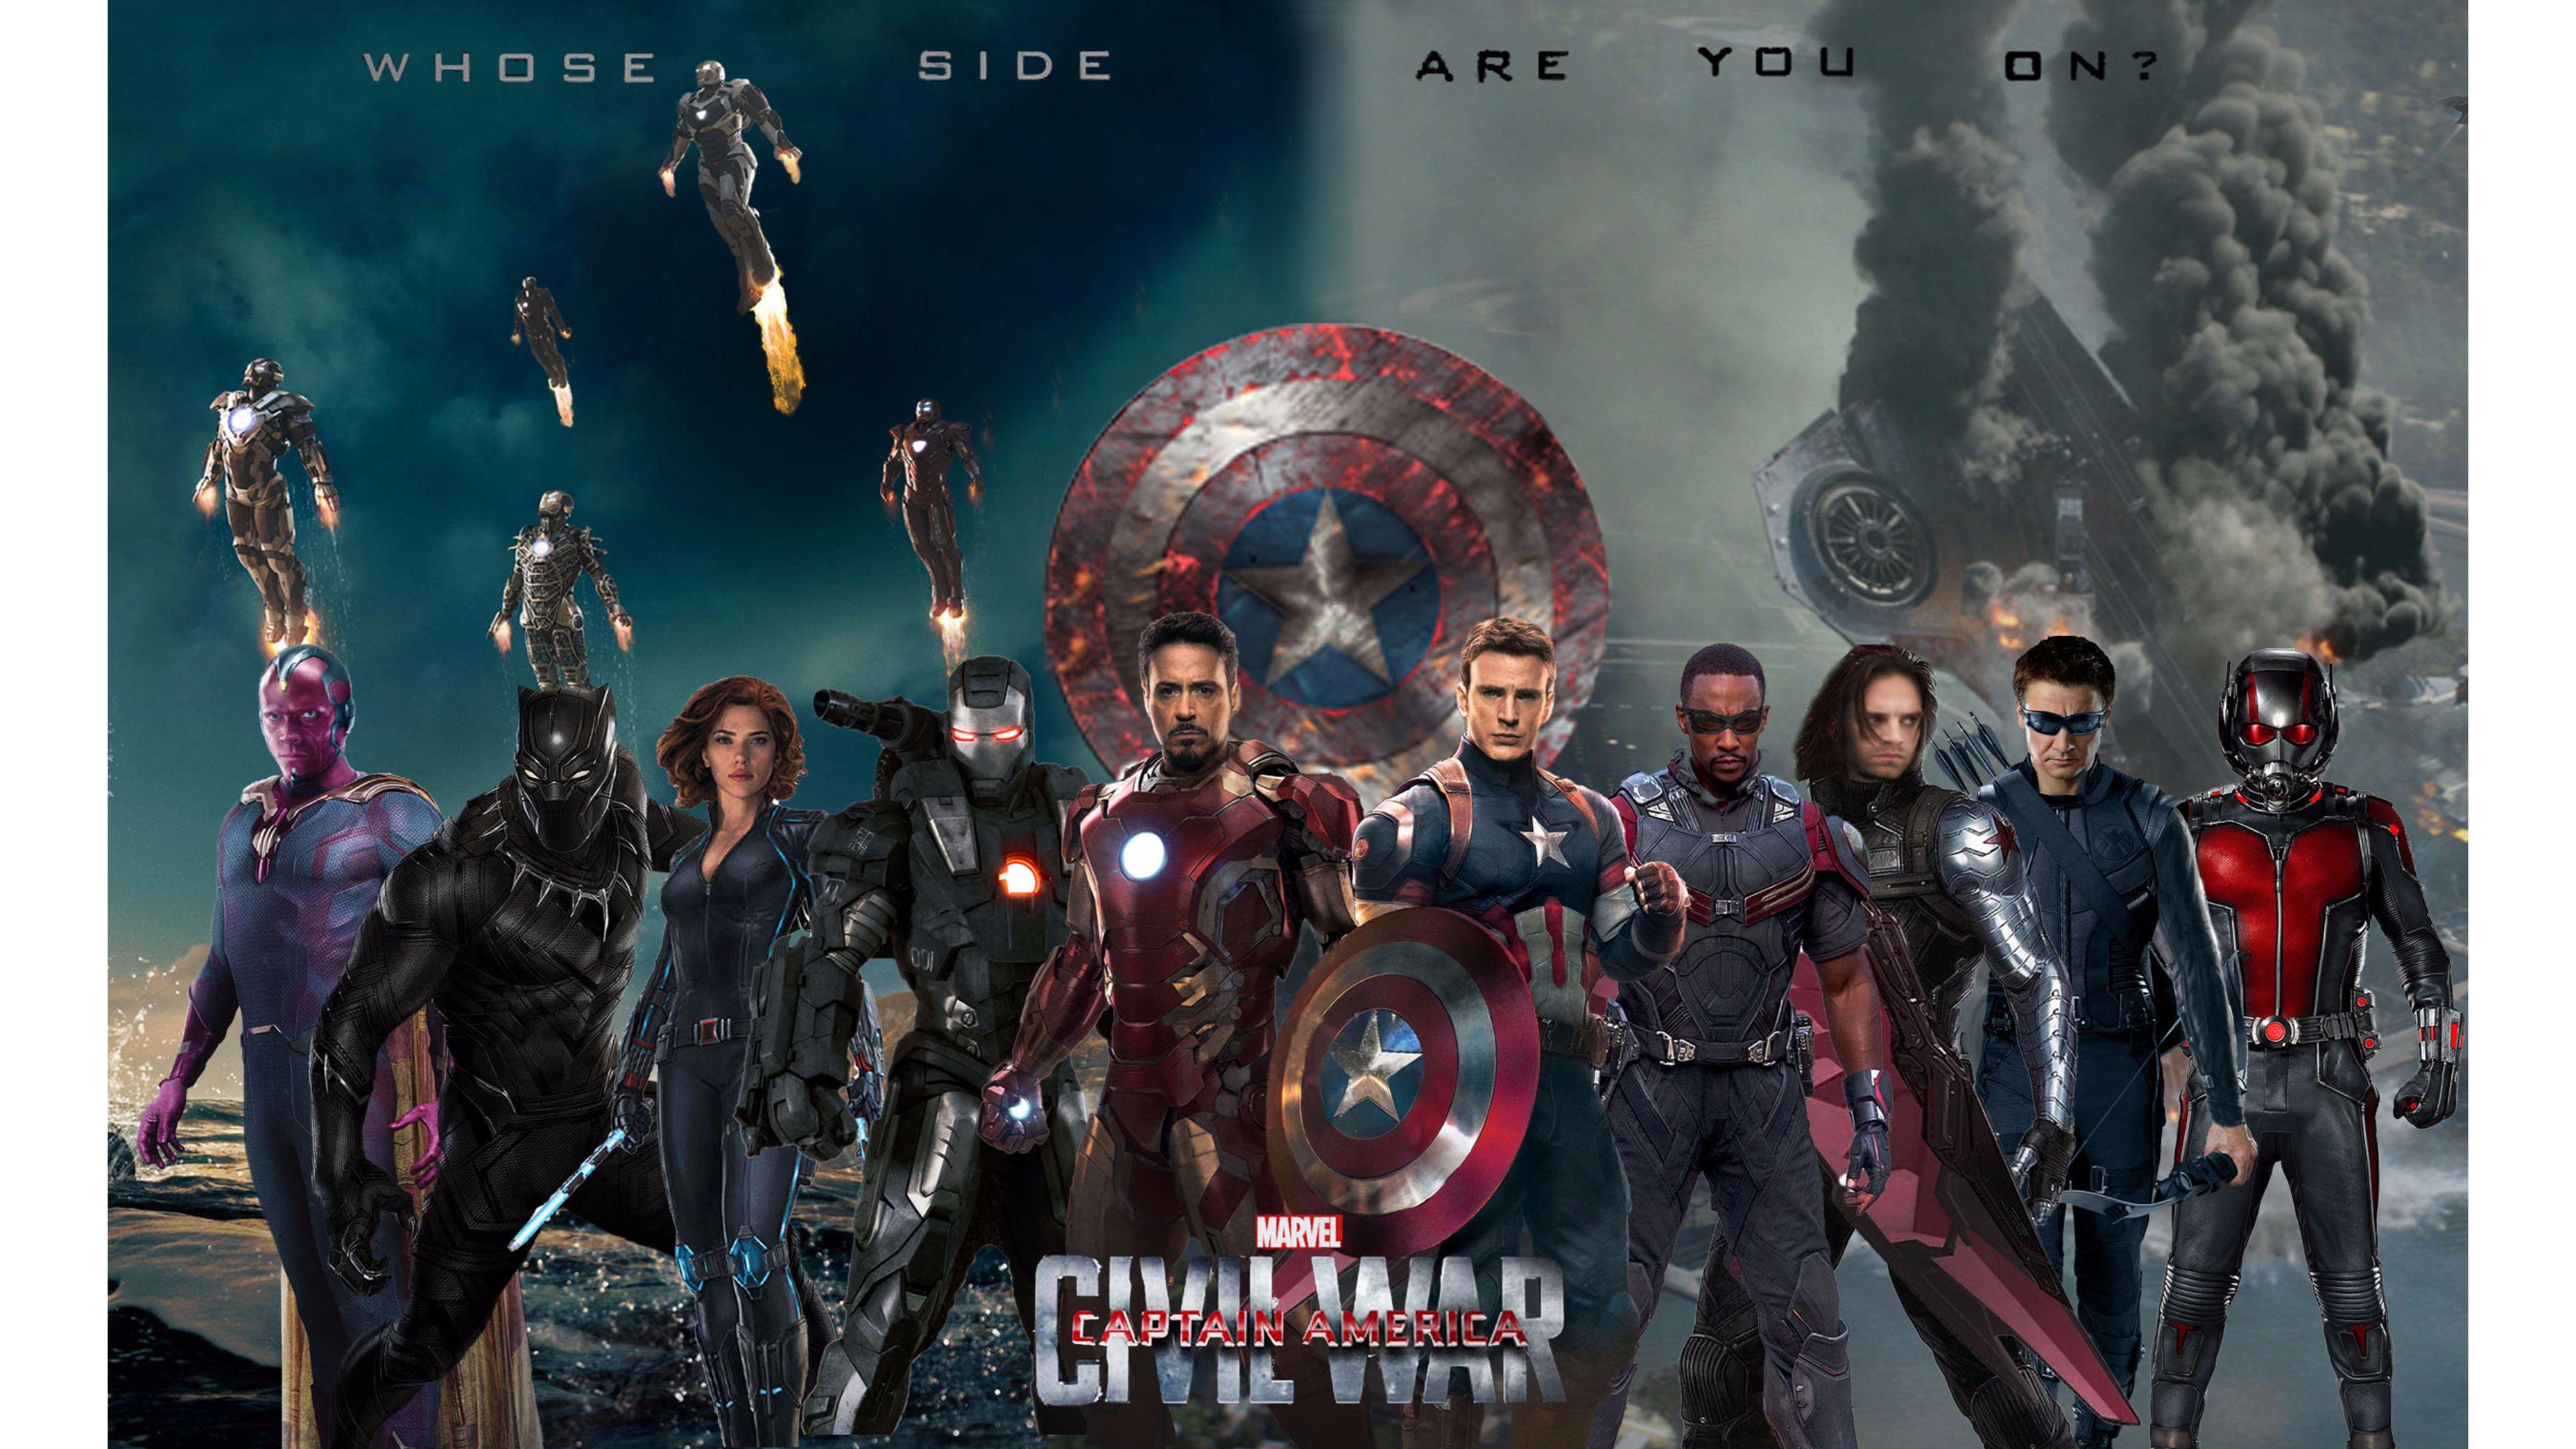 Captain America Civil War Wallpapers Hd: 4K Captain America Wallpaper